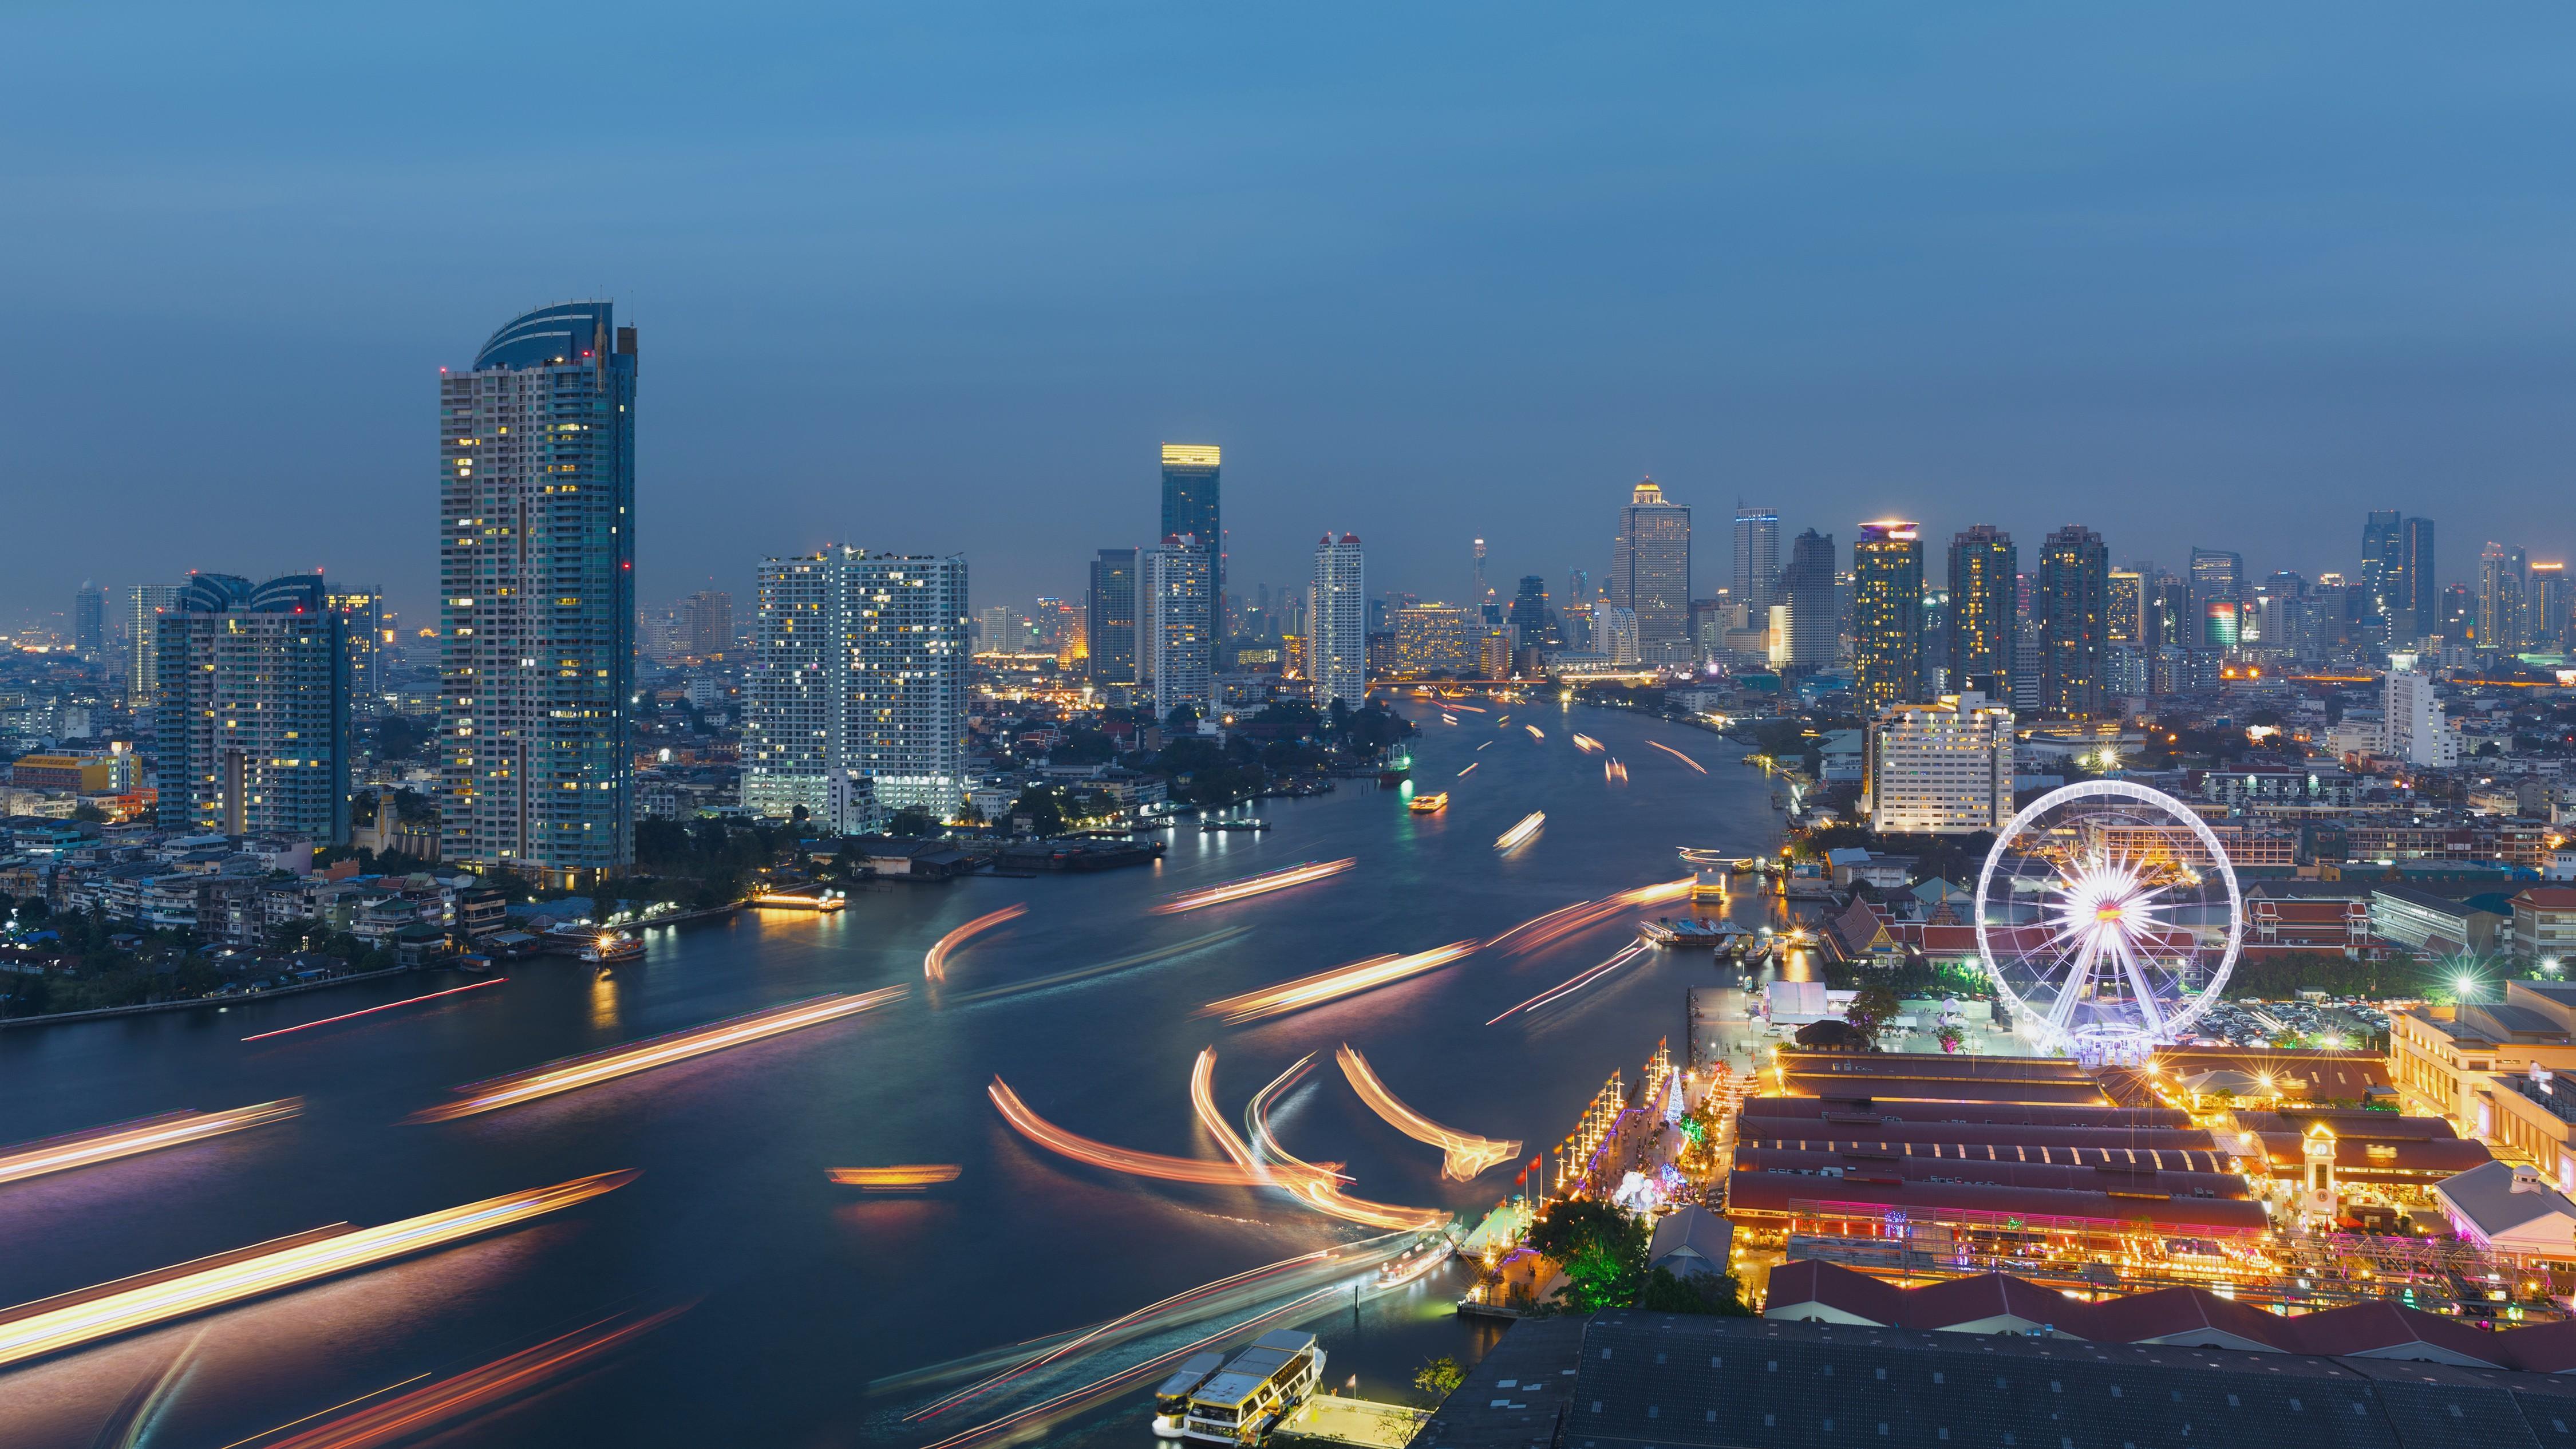 страны архитектура Бангкок Таиланд ночь  № 2195100 бесплатно